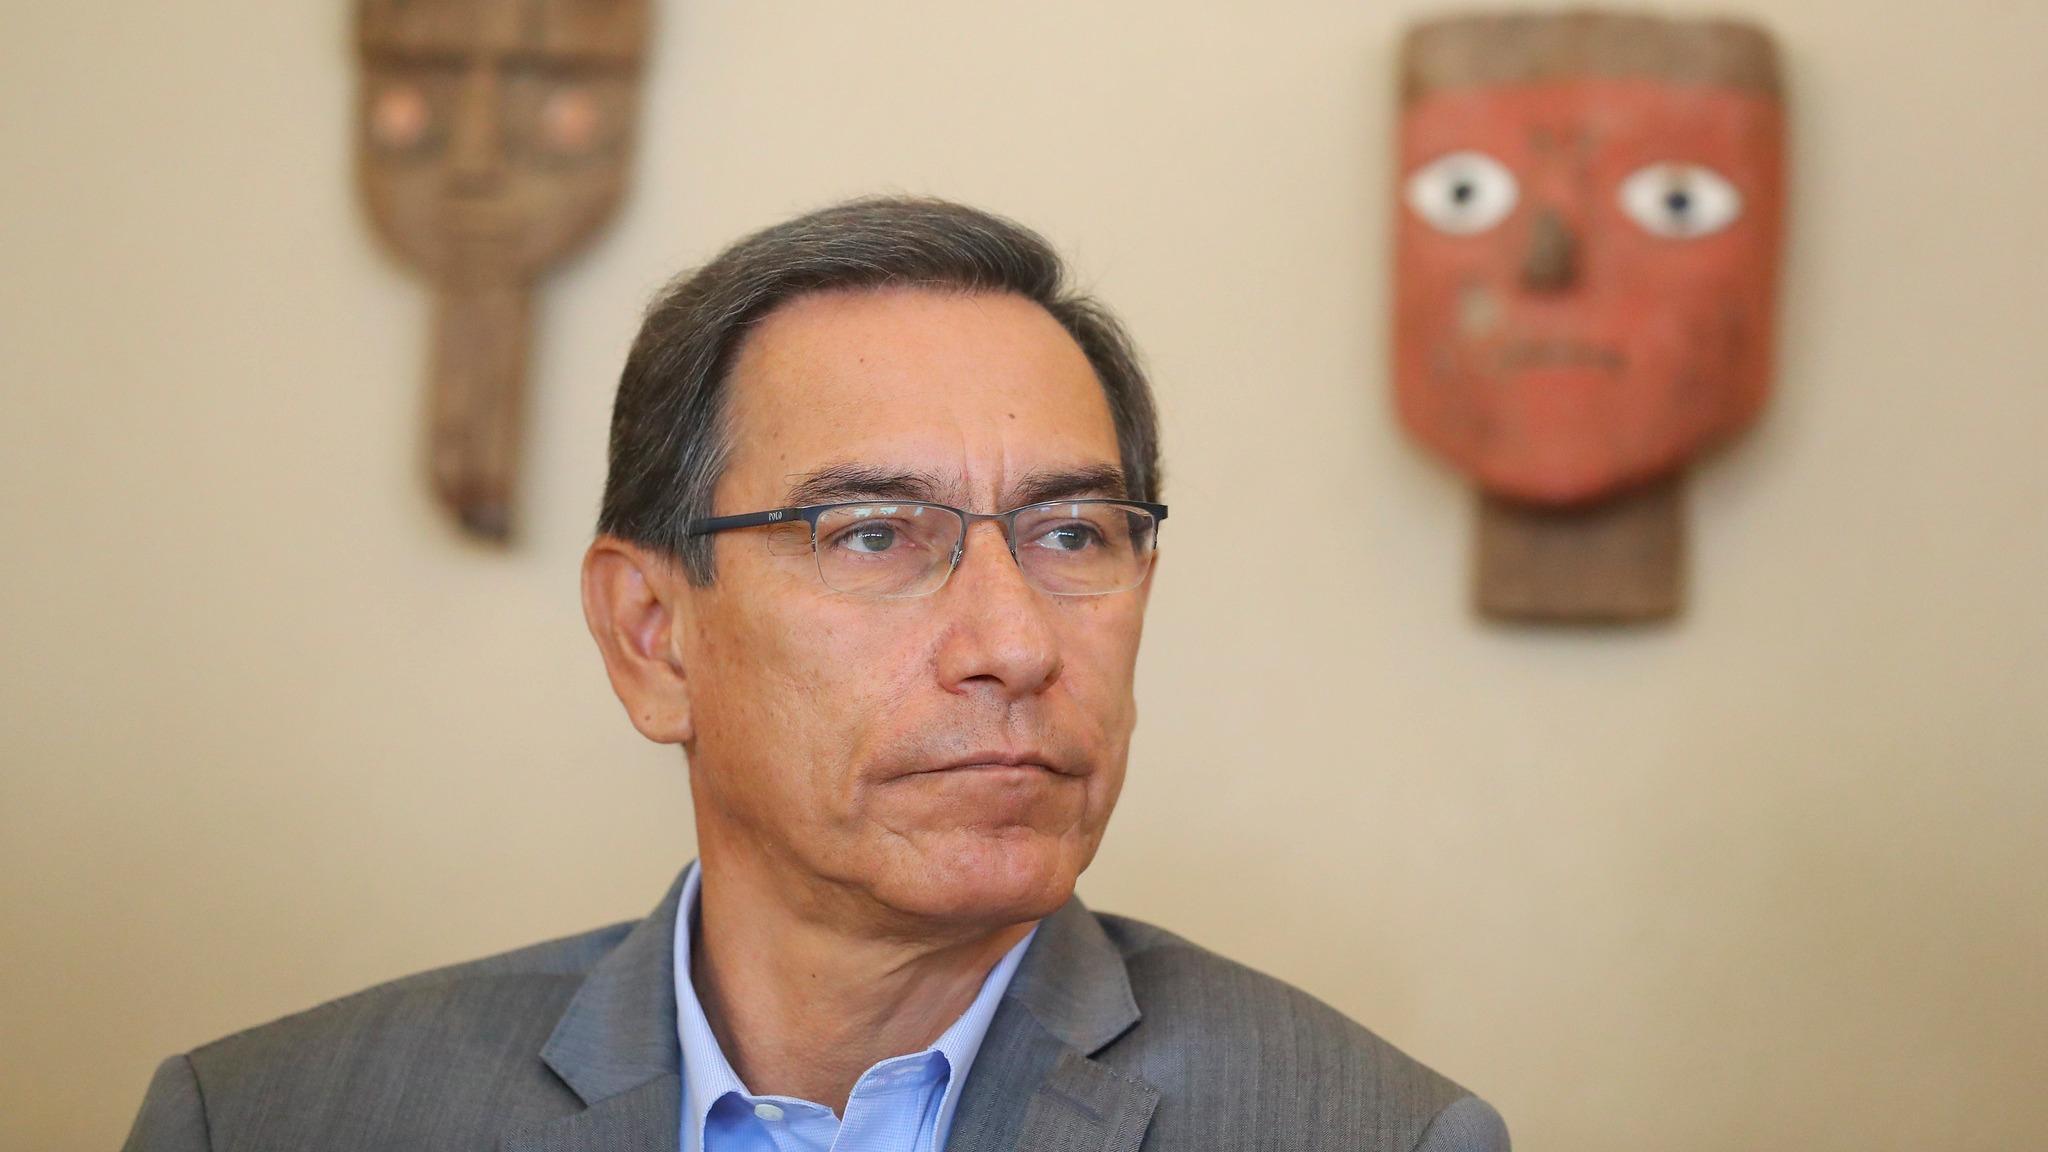 Reacciones de congresistas ante aprobación de Martín Vizcarra